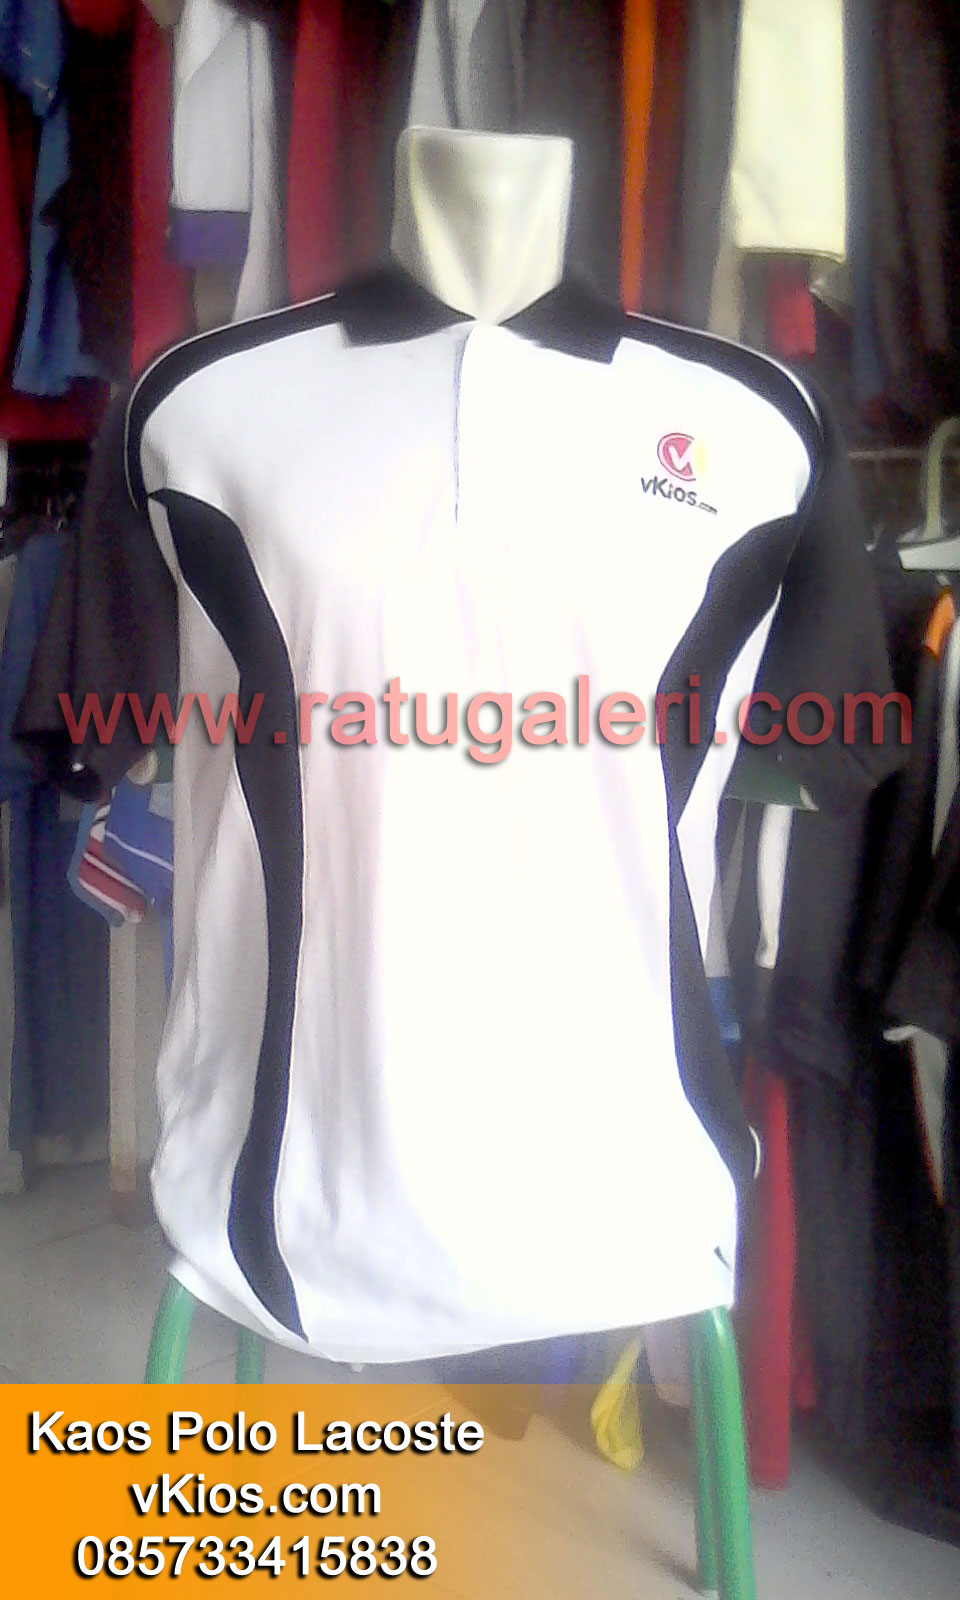 Polo Shirt vKios.com